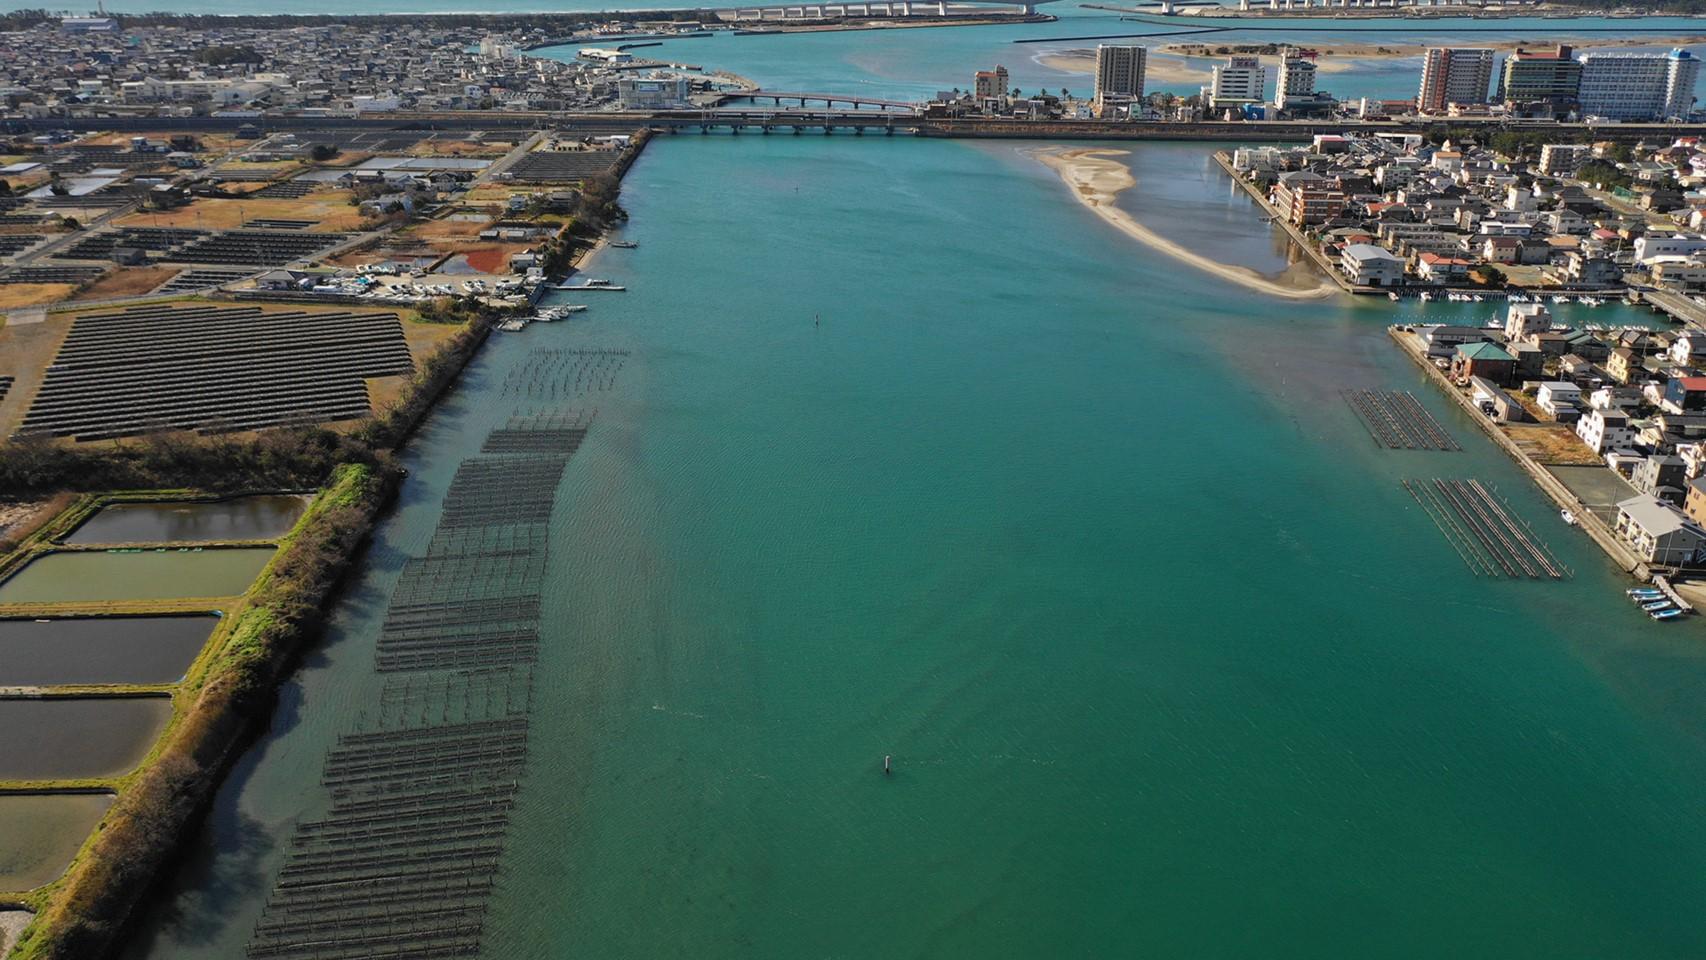 【浜名湖1番航路エリア】『浜名湖体験施設ウォット』周辺の釣り場ガイド